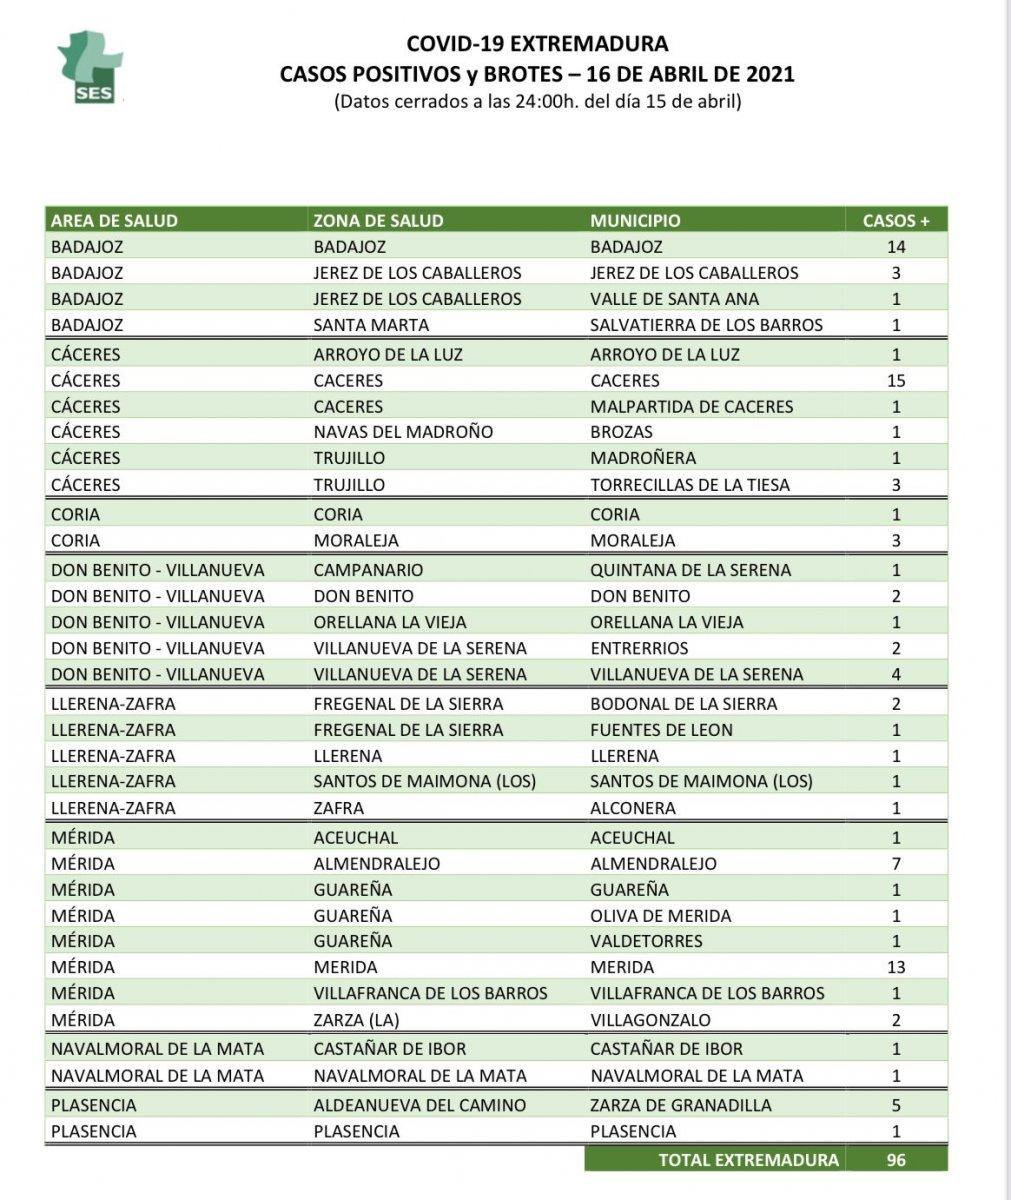 Municipios de Extremadura con nuevos positivos y brotes de coronavirus el 16 de abril